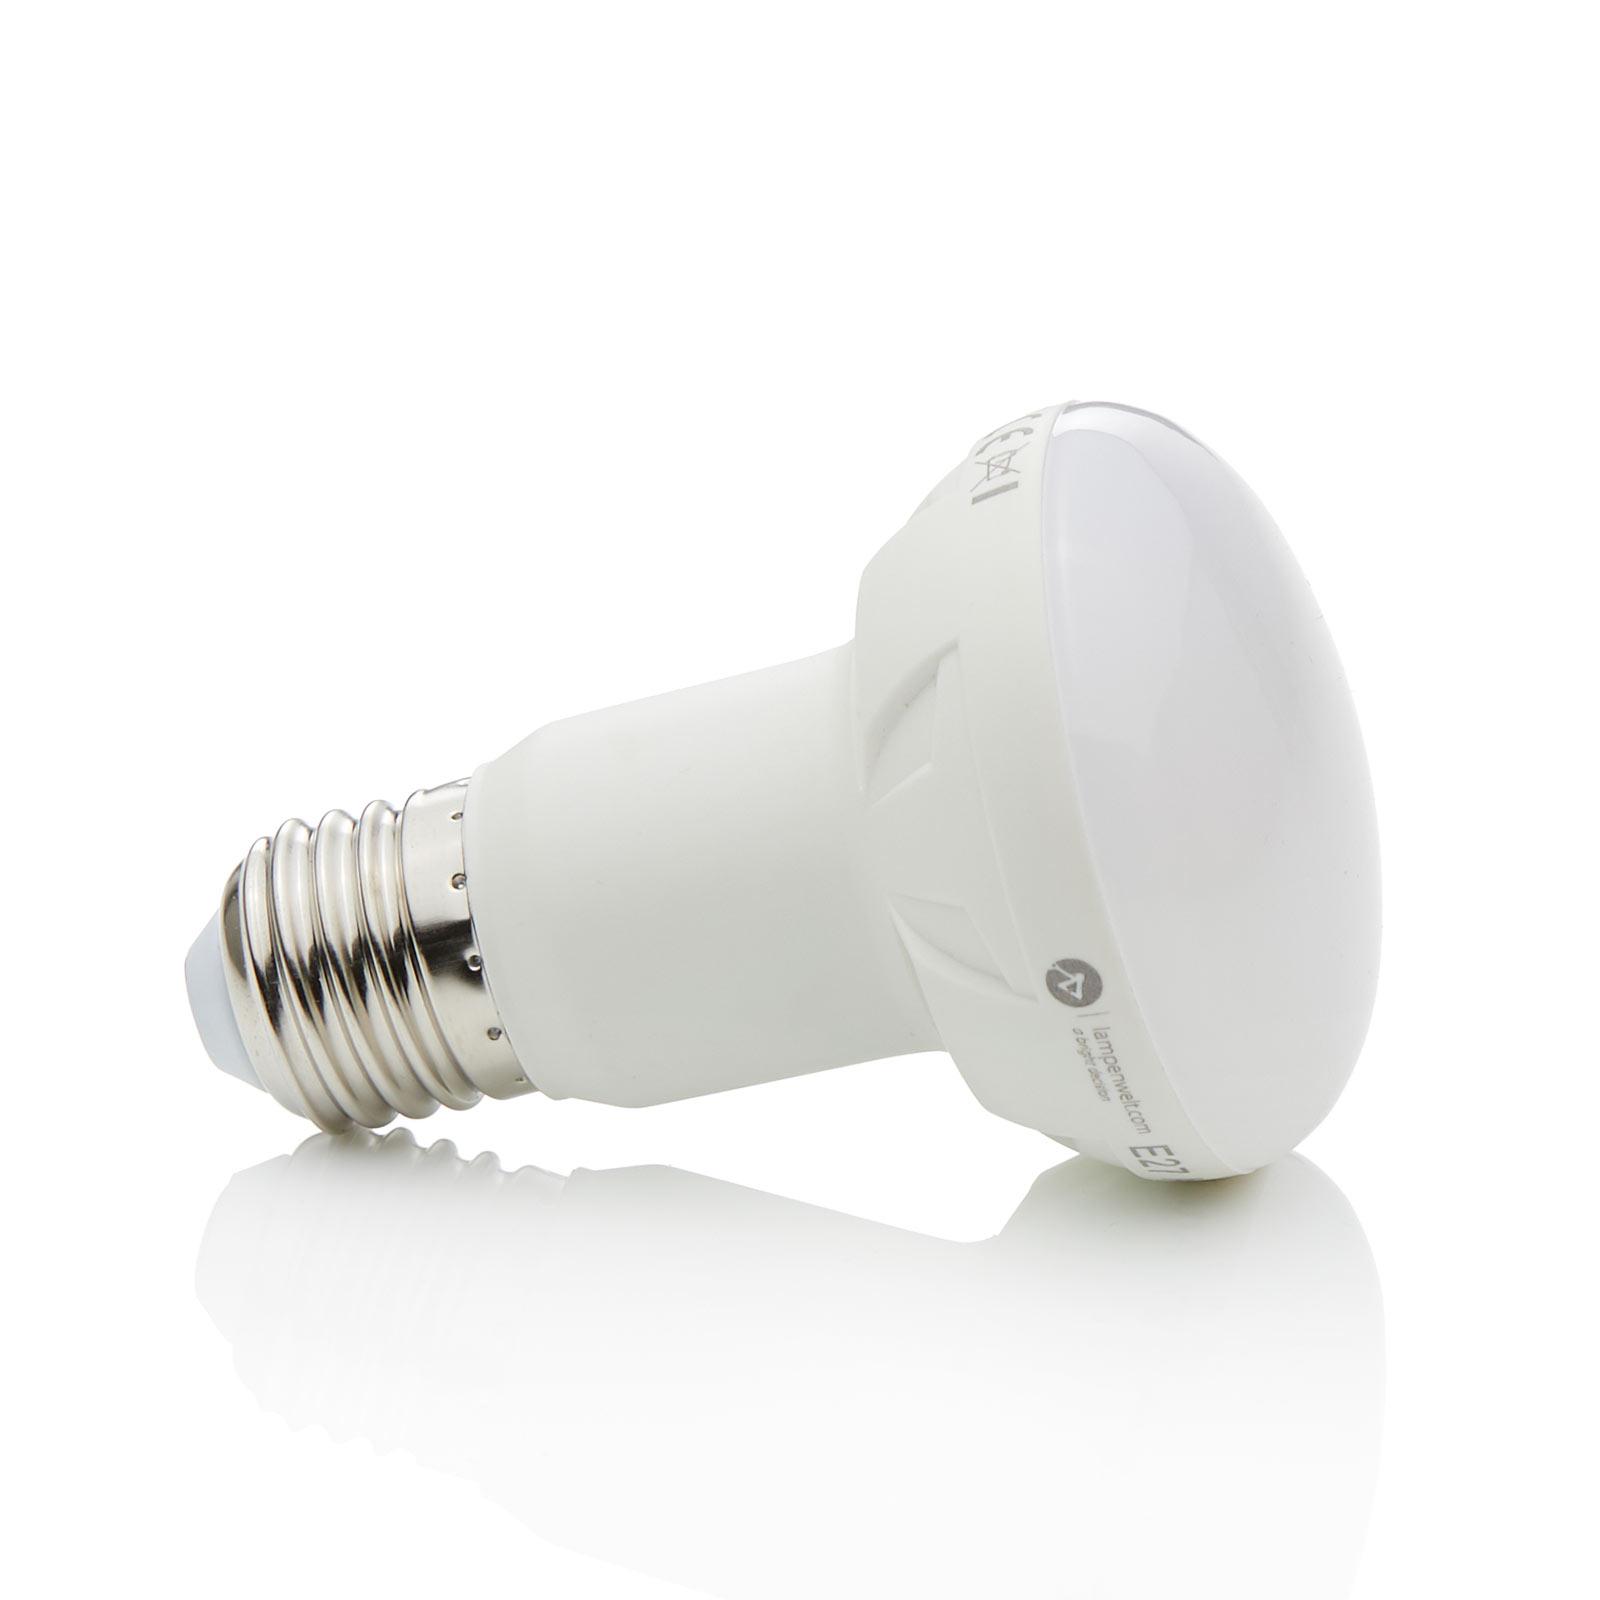 E27 11W 830 LED-Reflektorlampe R63 ww 120 Grad